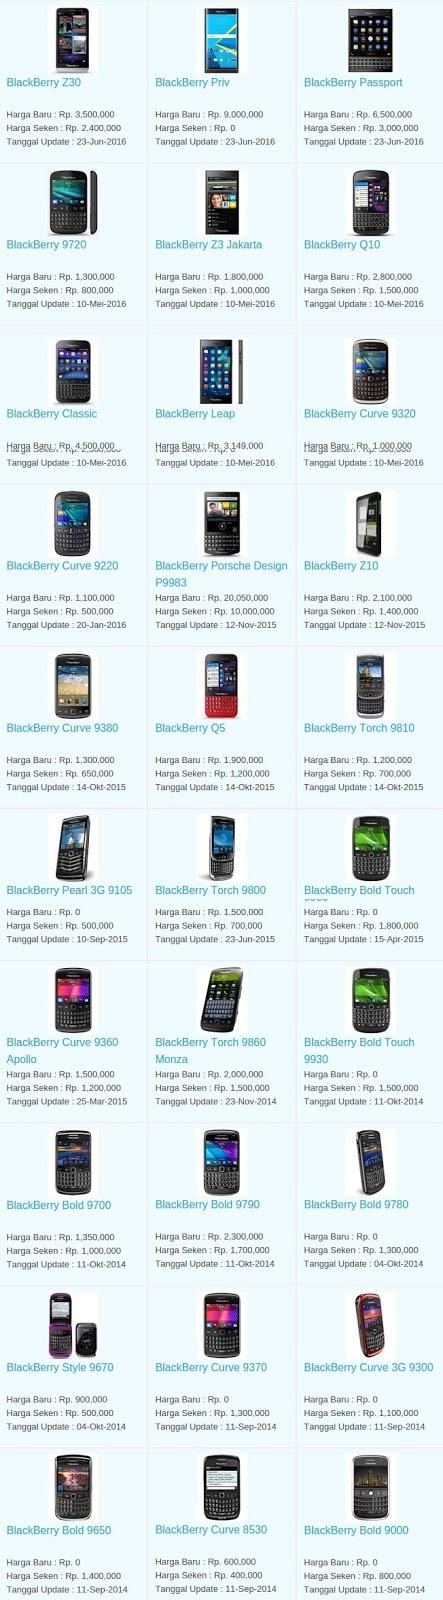 Daftar Harga Hp Terbaru Blackberry Juli 2016